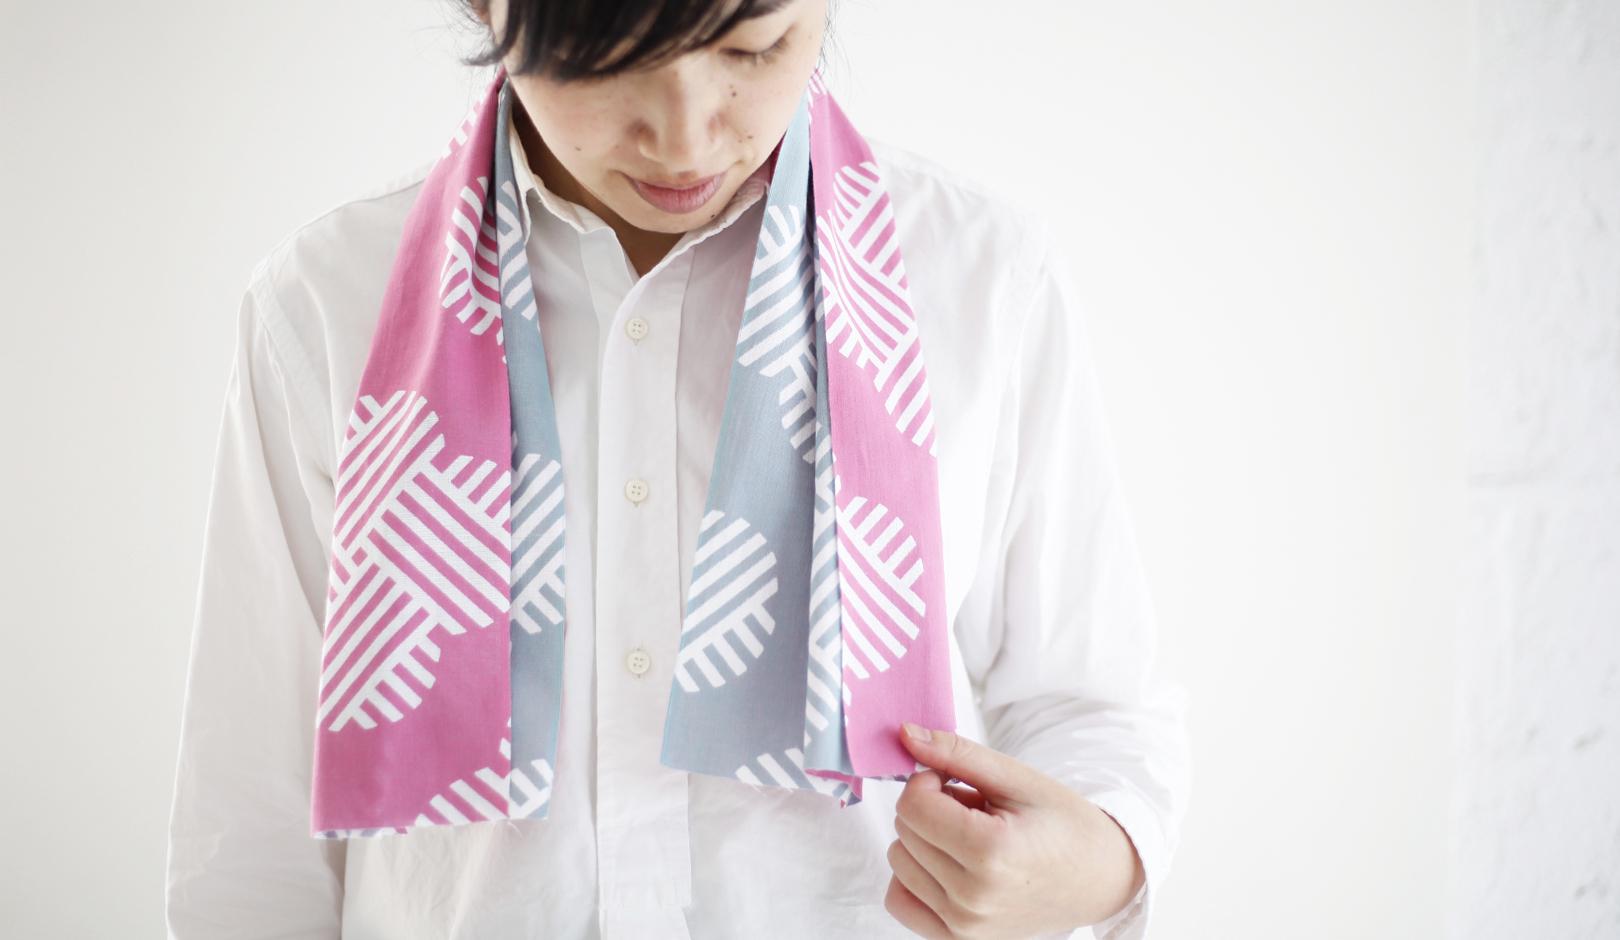 願の糸 - Negai-no-Ito